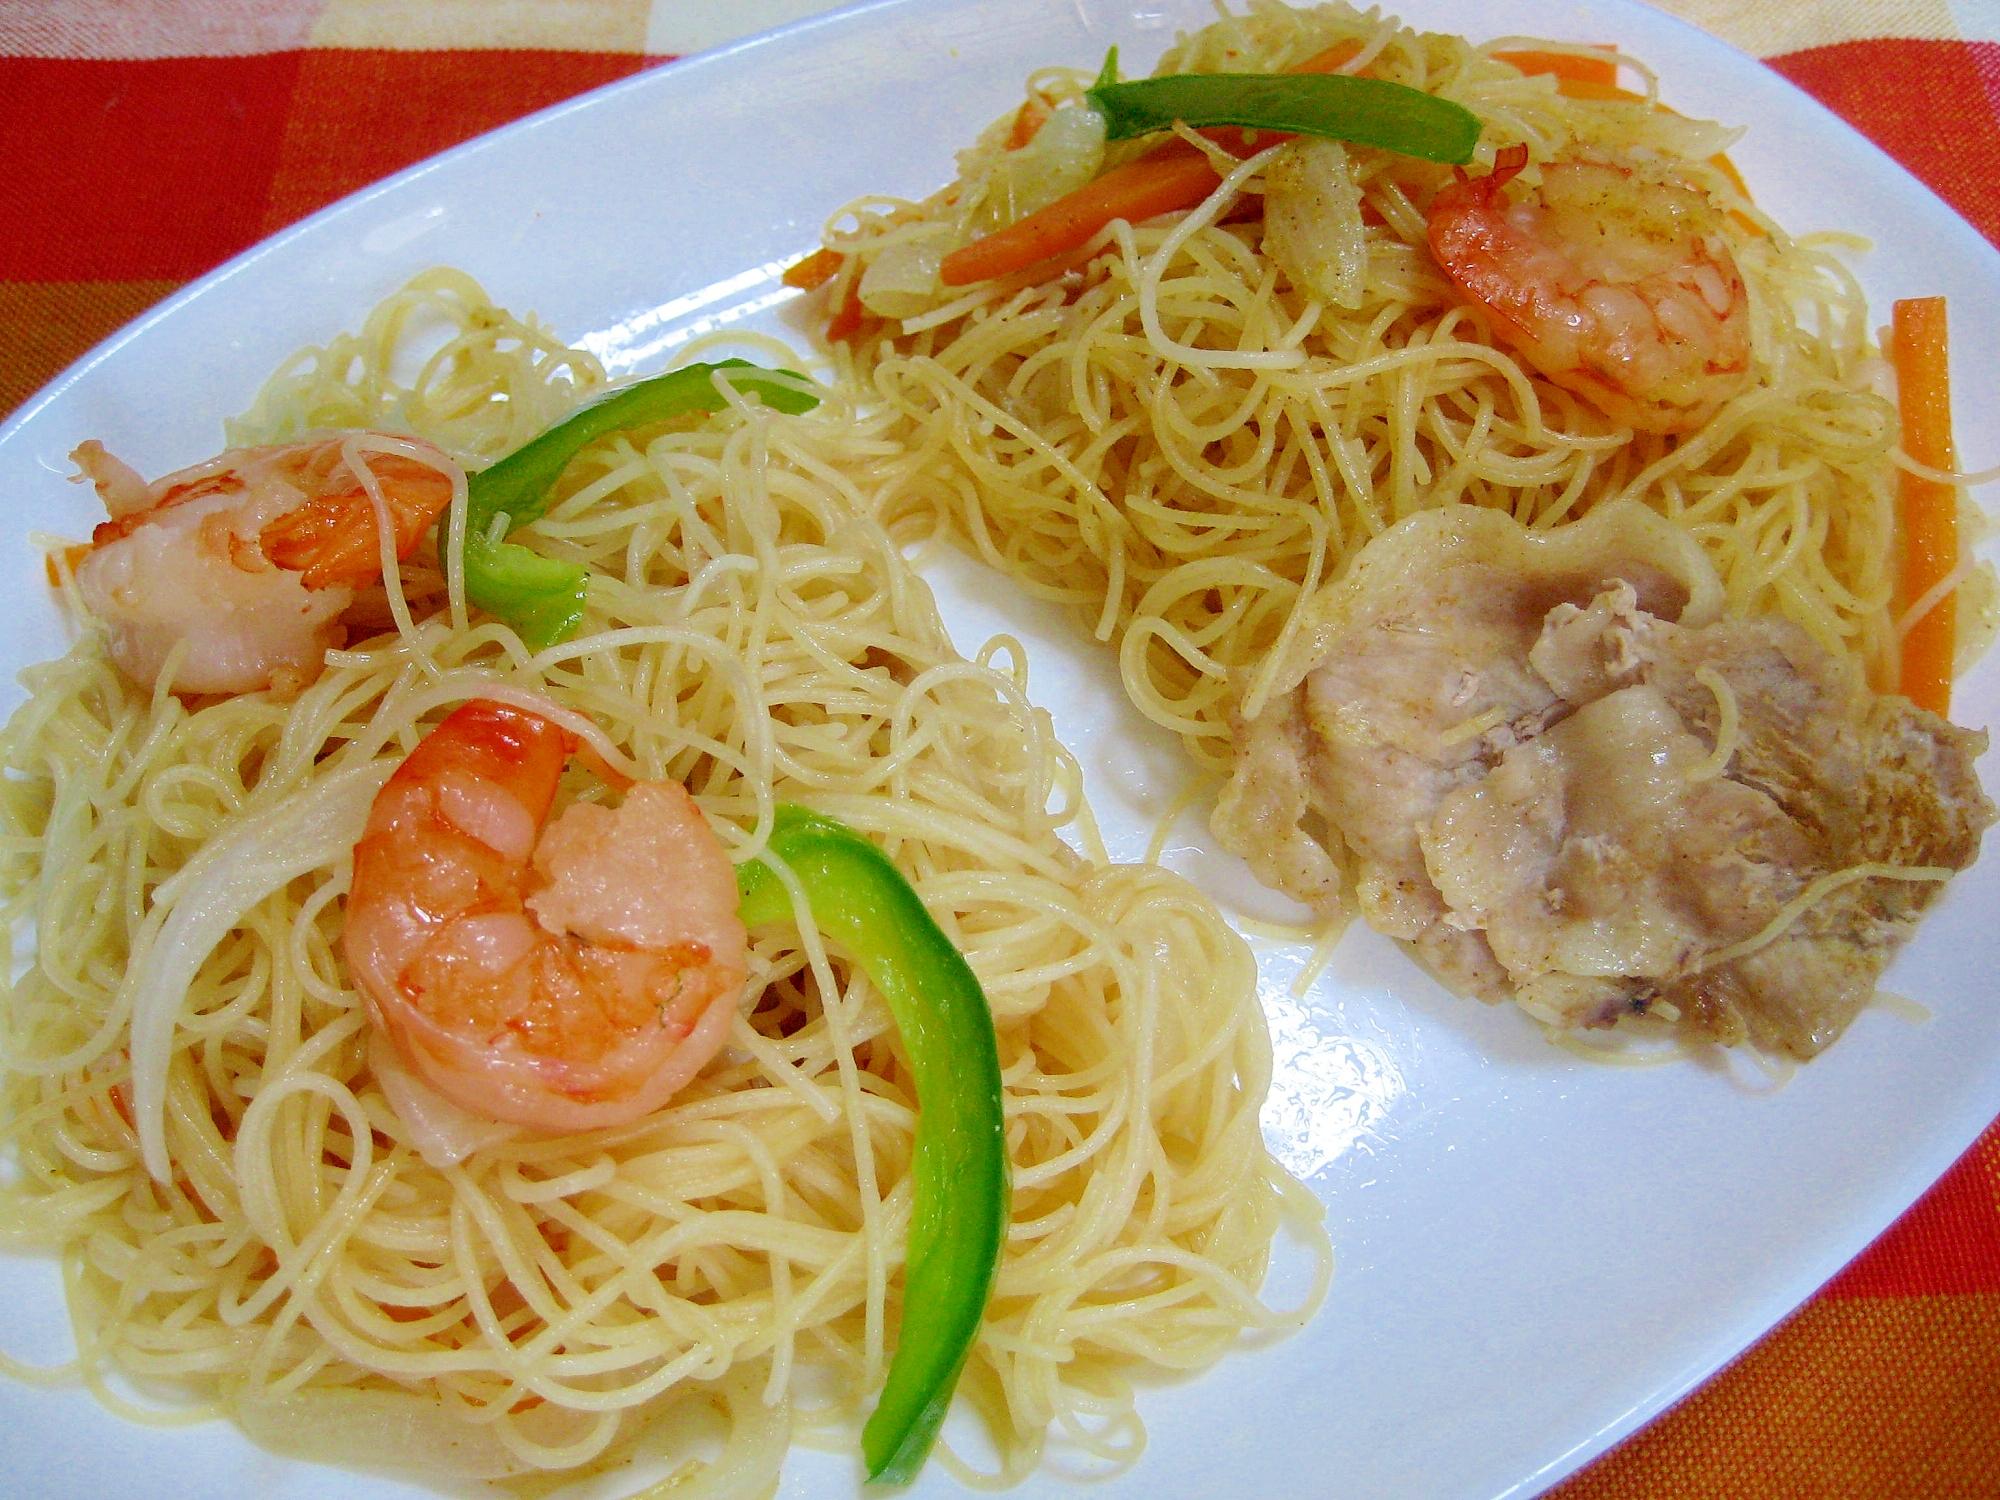 即席麺de簡単!焼きビーフン&カレービーフン